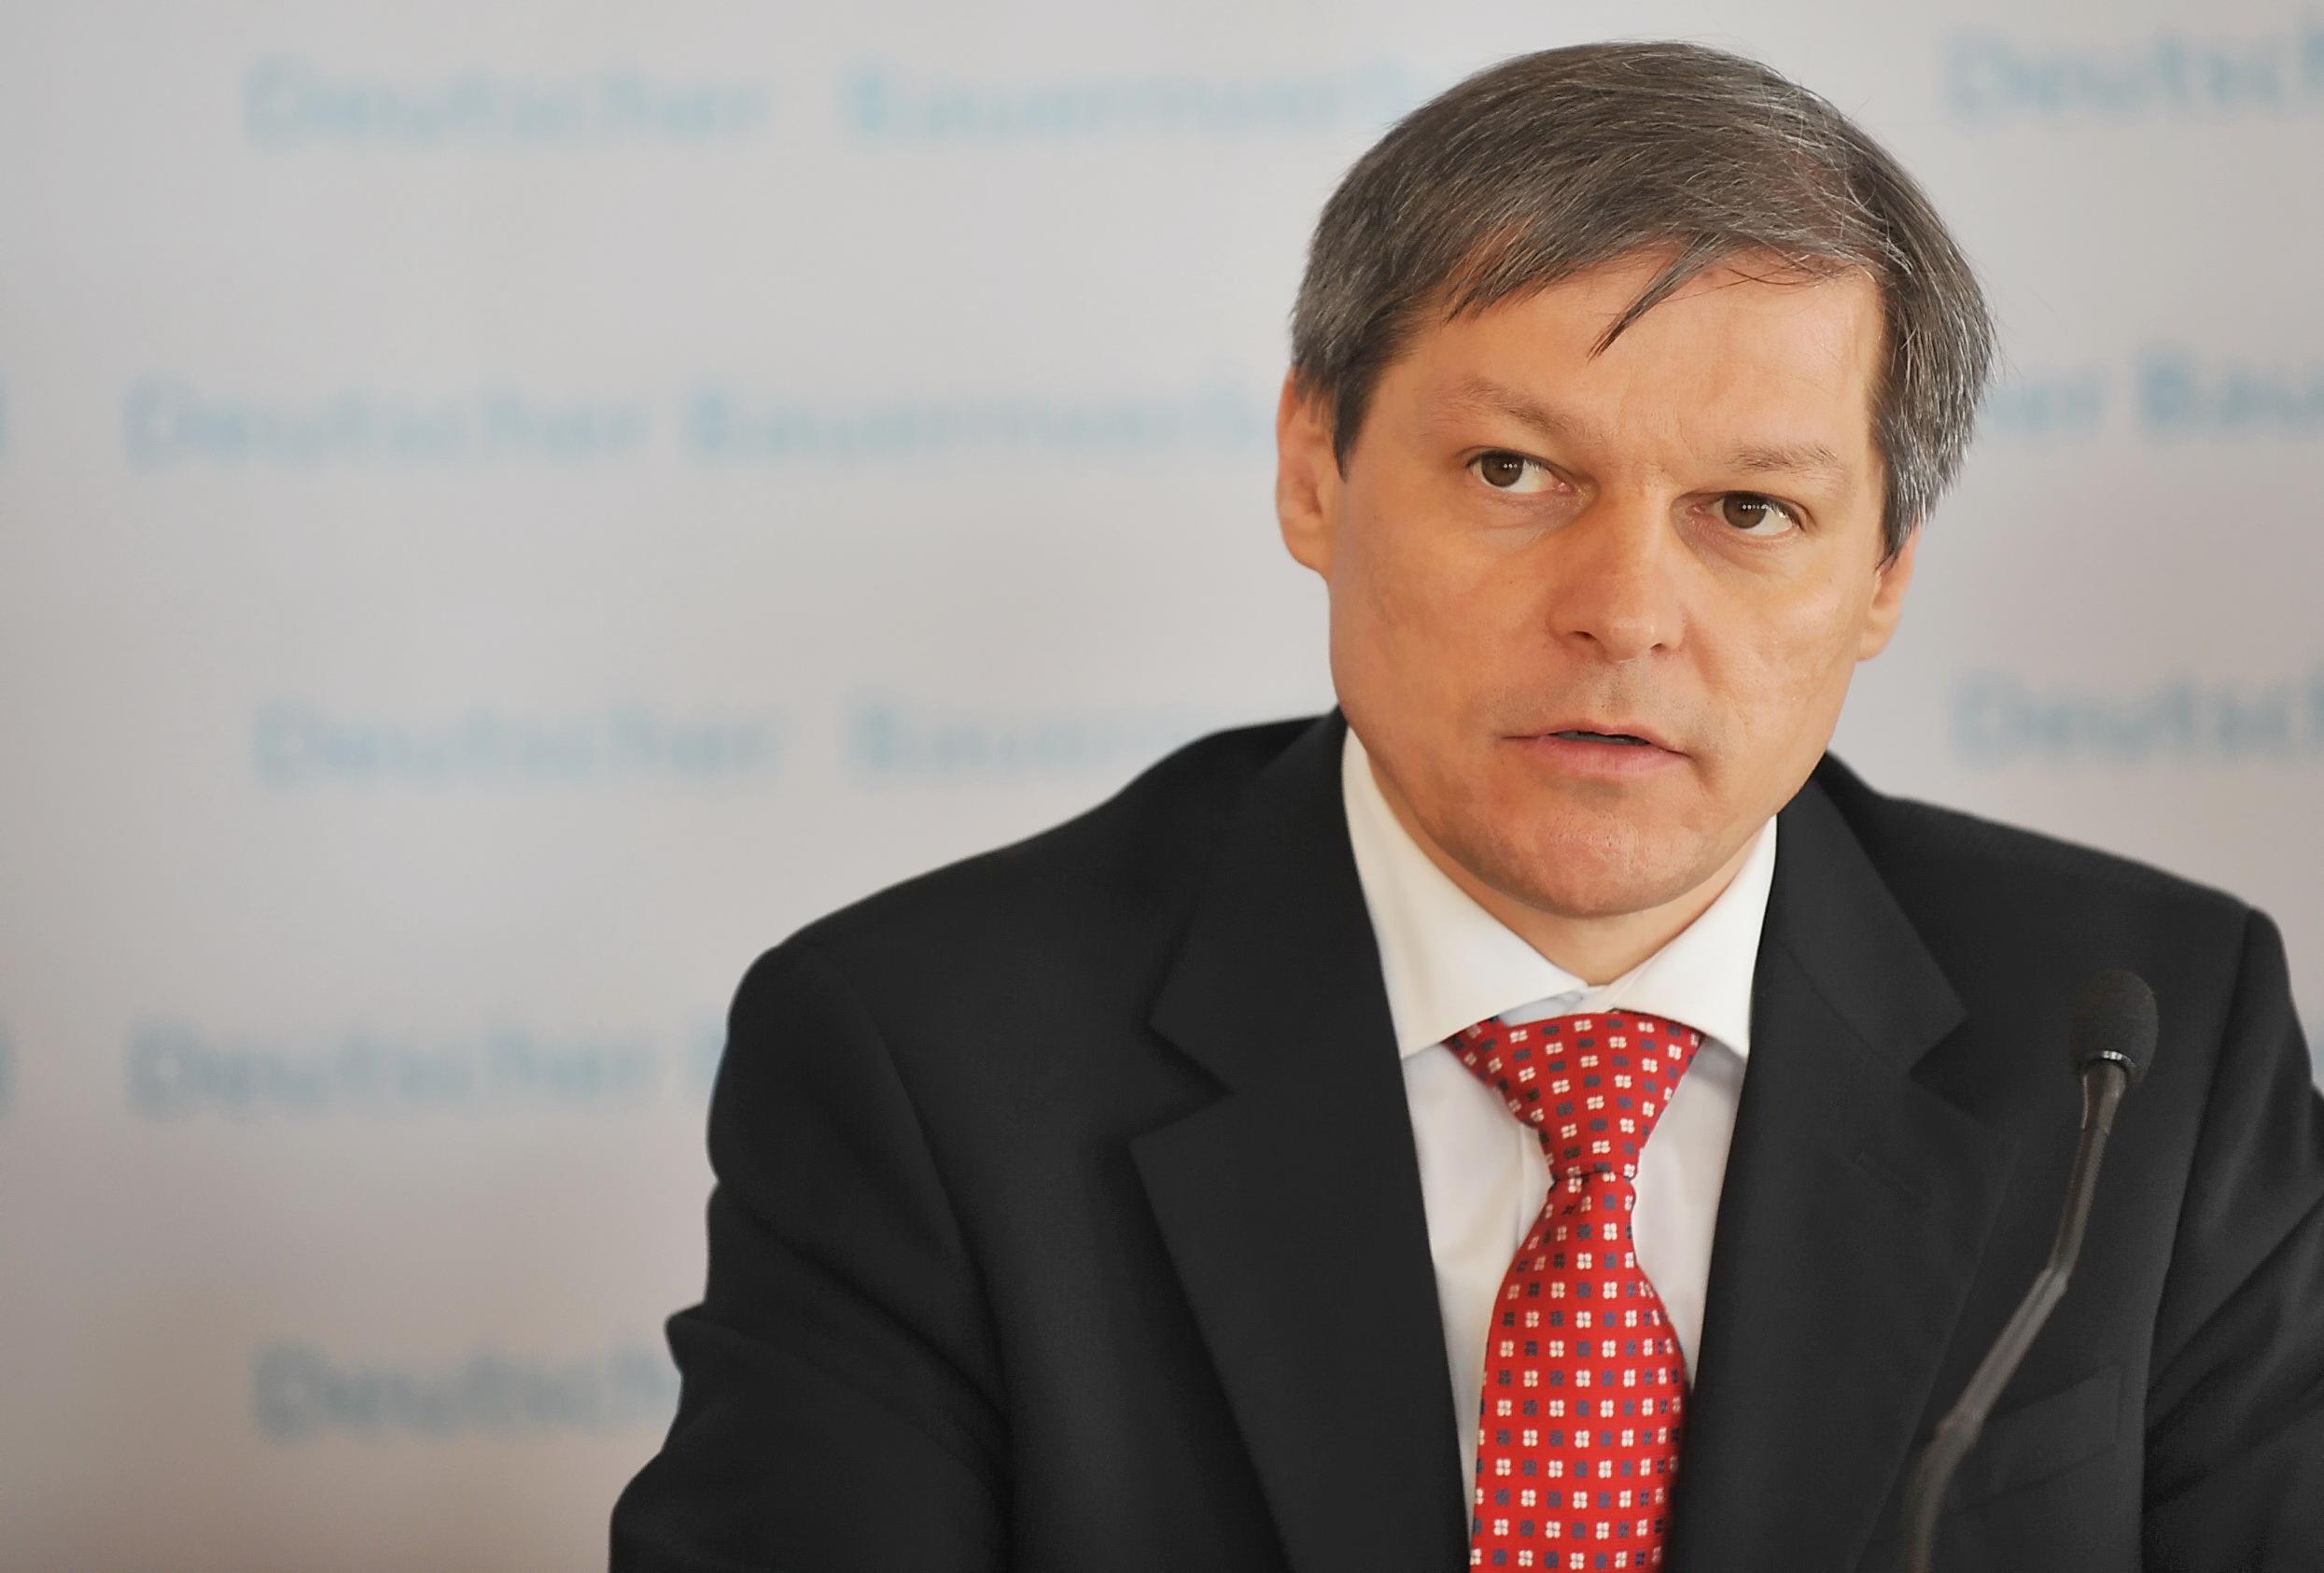 Fostul premier Dacian Cioloş a avut o întrevedere informală la Departamentul de Stat al SUA, după semnalul de alarmă pe care oficialii americani l-au transmis în legătură cu modificările la Legile Justiţiei